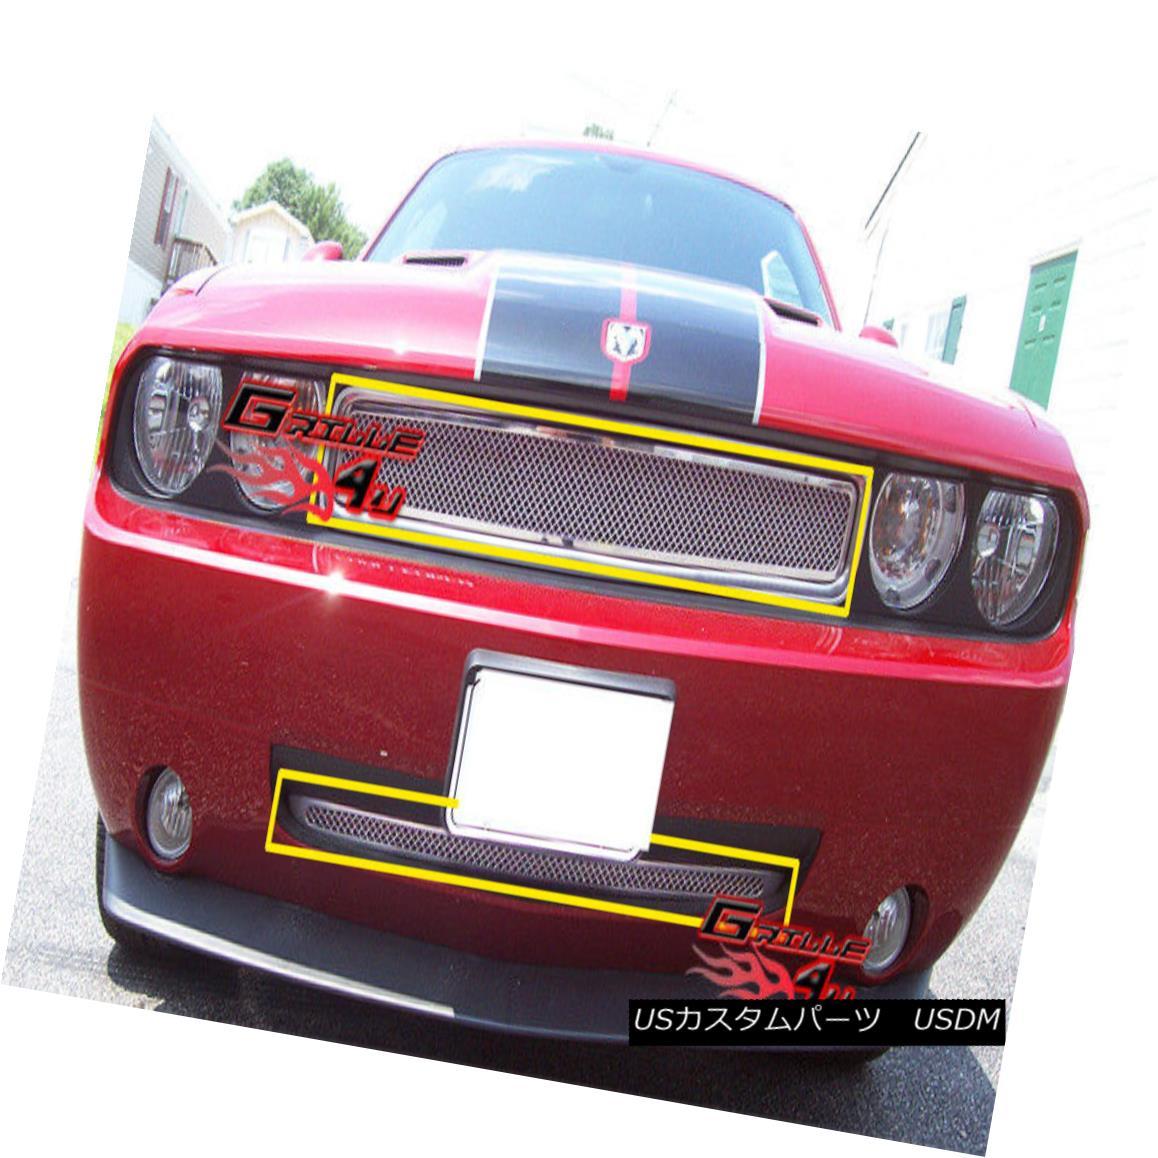 グリル Fits 09-10 Dodge Challenger Stainless Steel Mesh Grille Insert Combo フィット09-10ドッジチャレンジャーステンレスメッシュグリルインサートコンボ